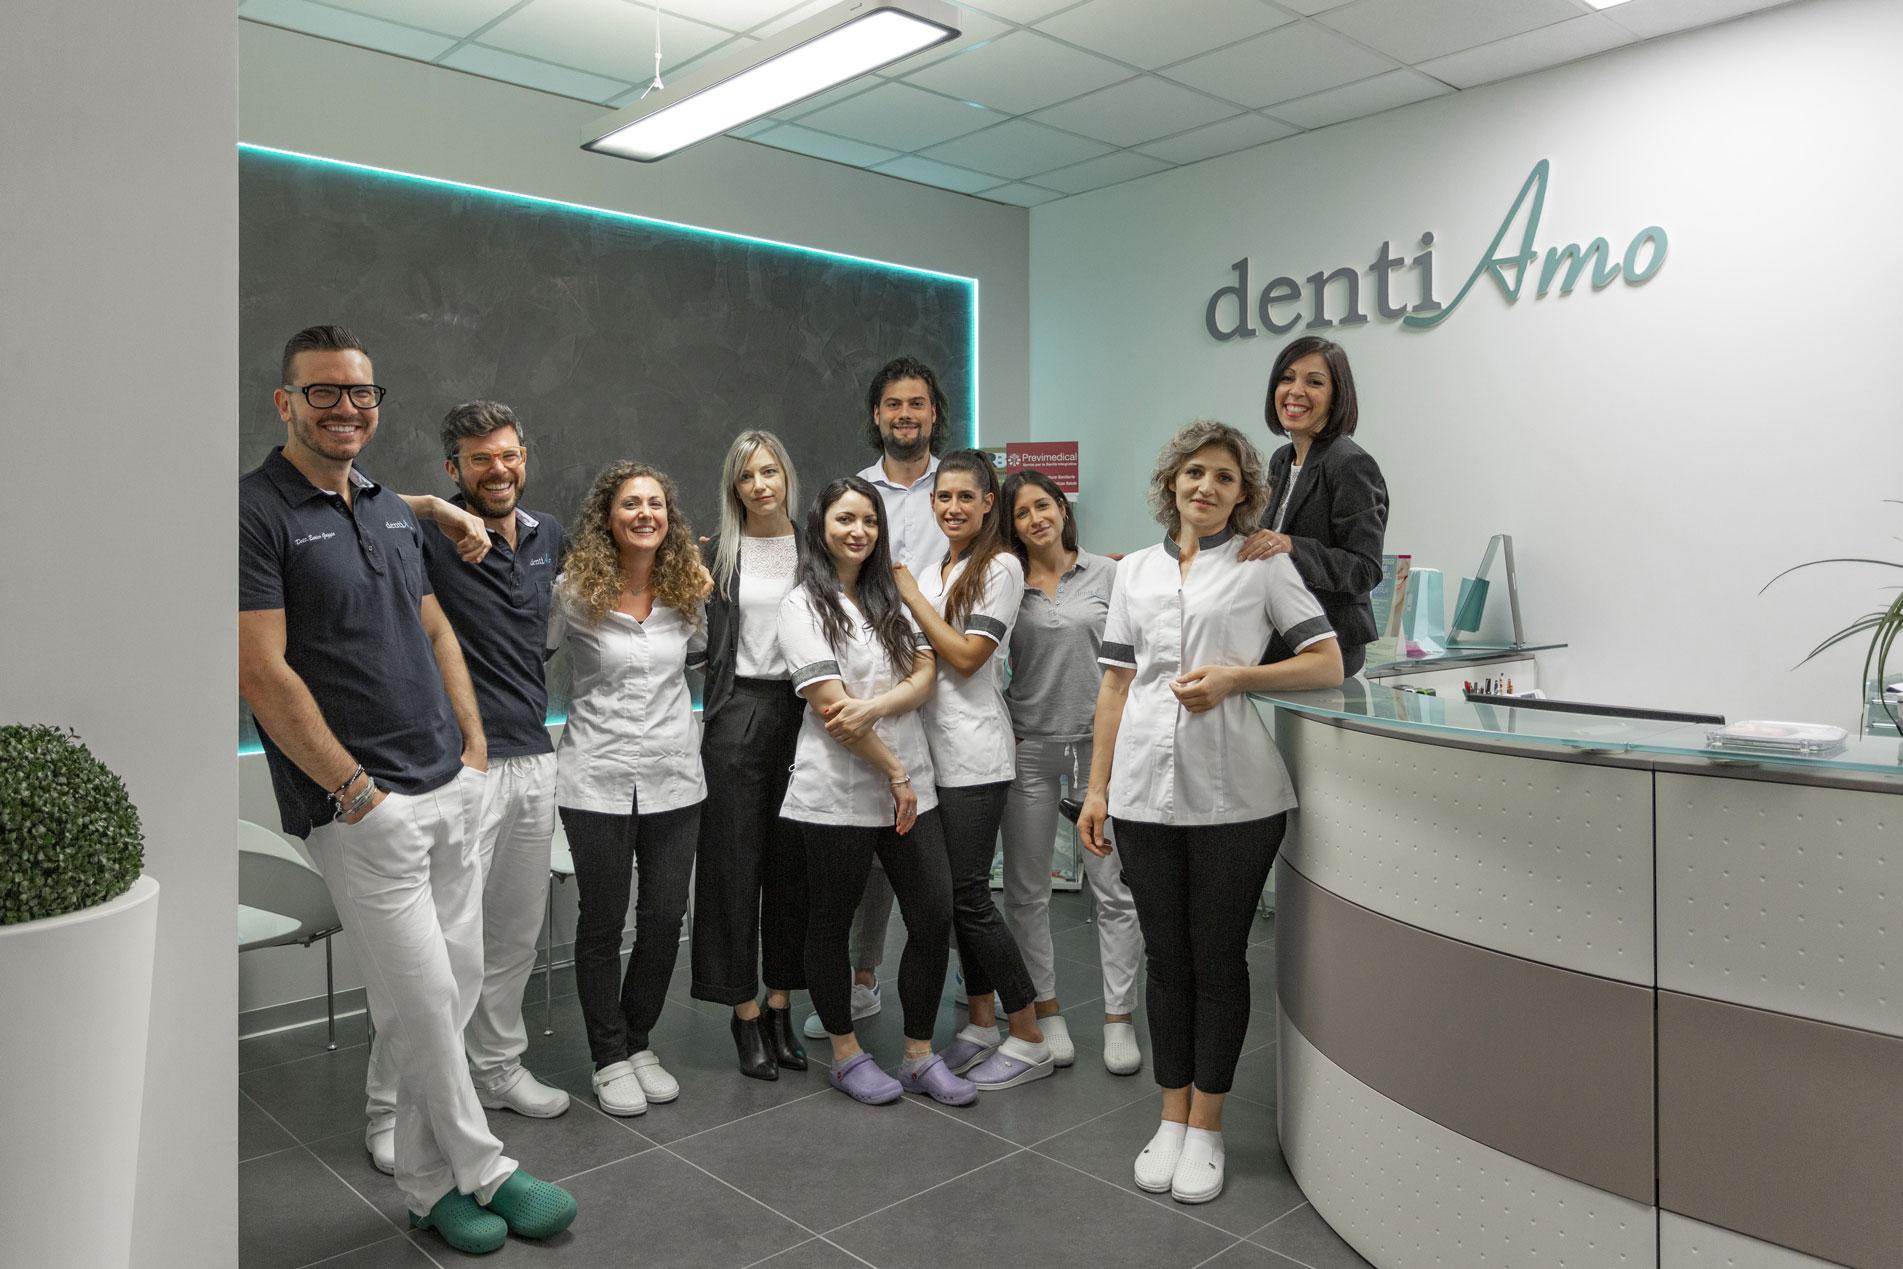 Foto di gruppo clinica Dentiamo a Piove di Sacco